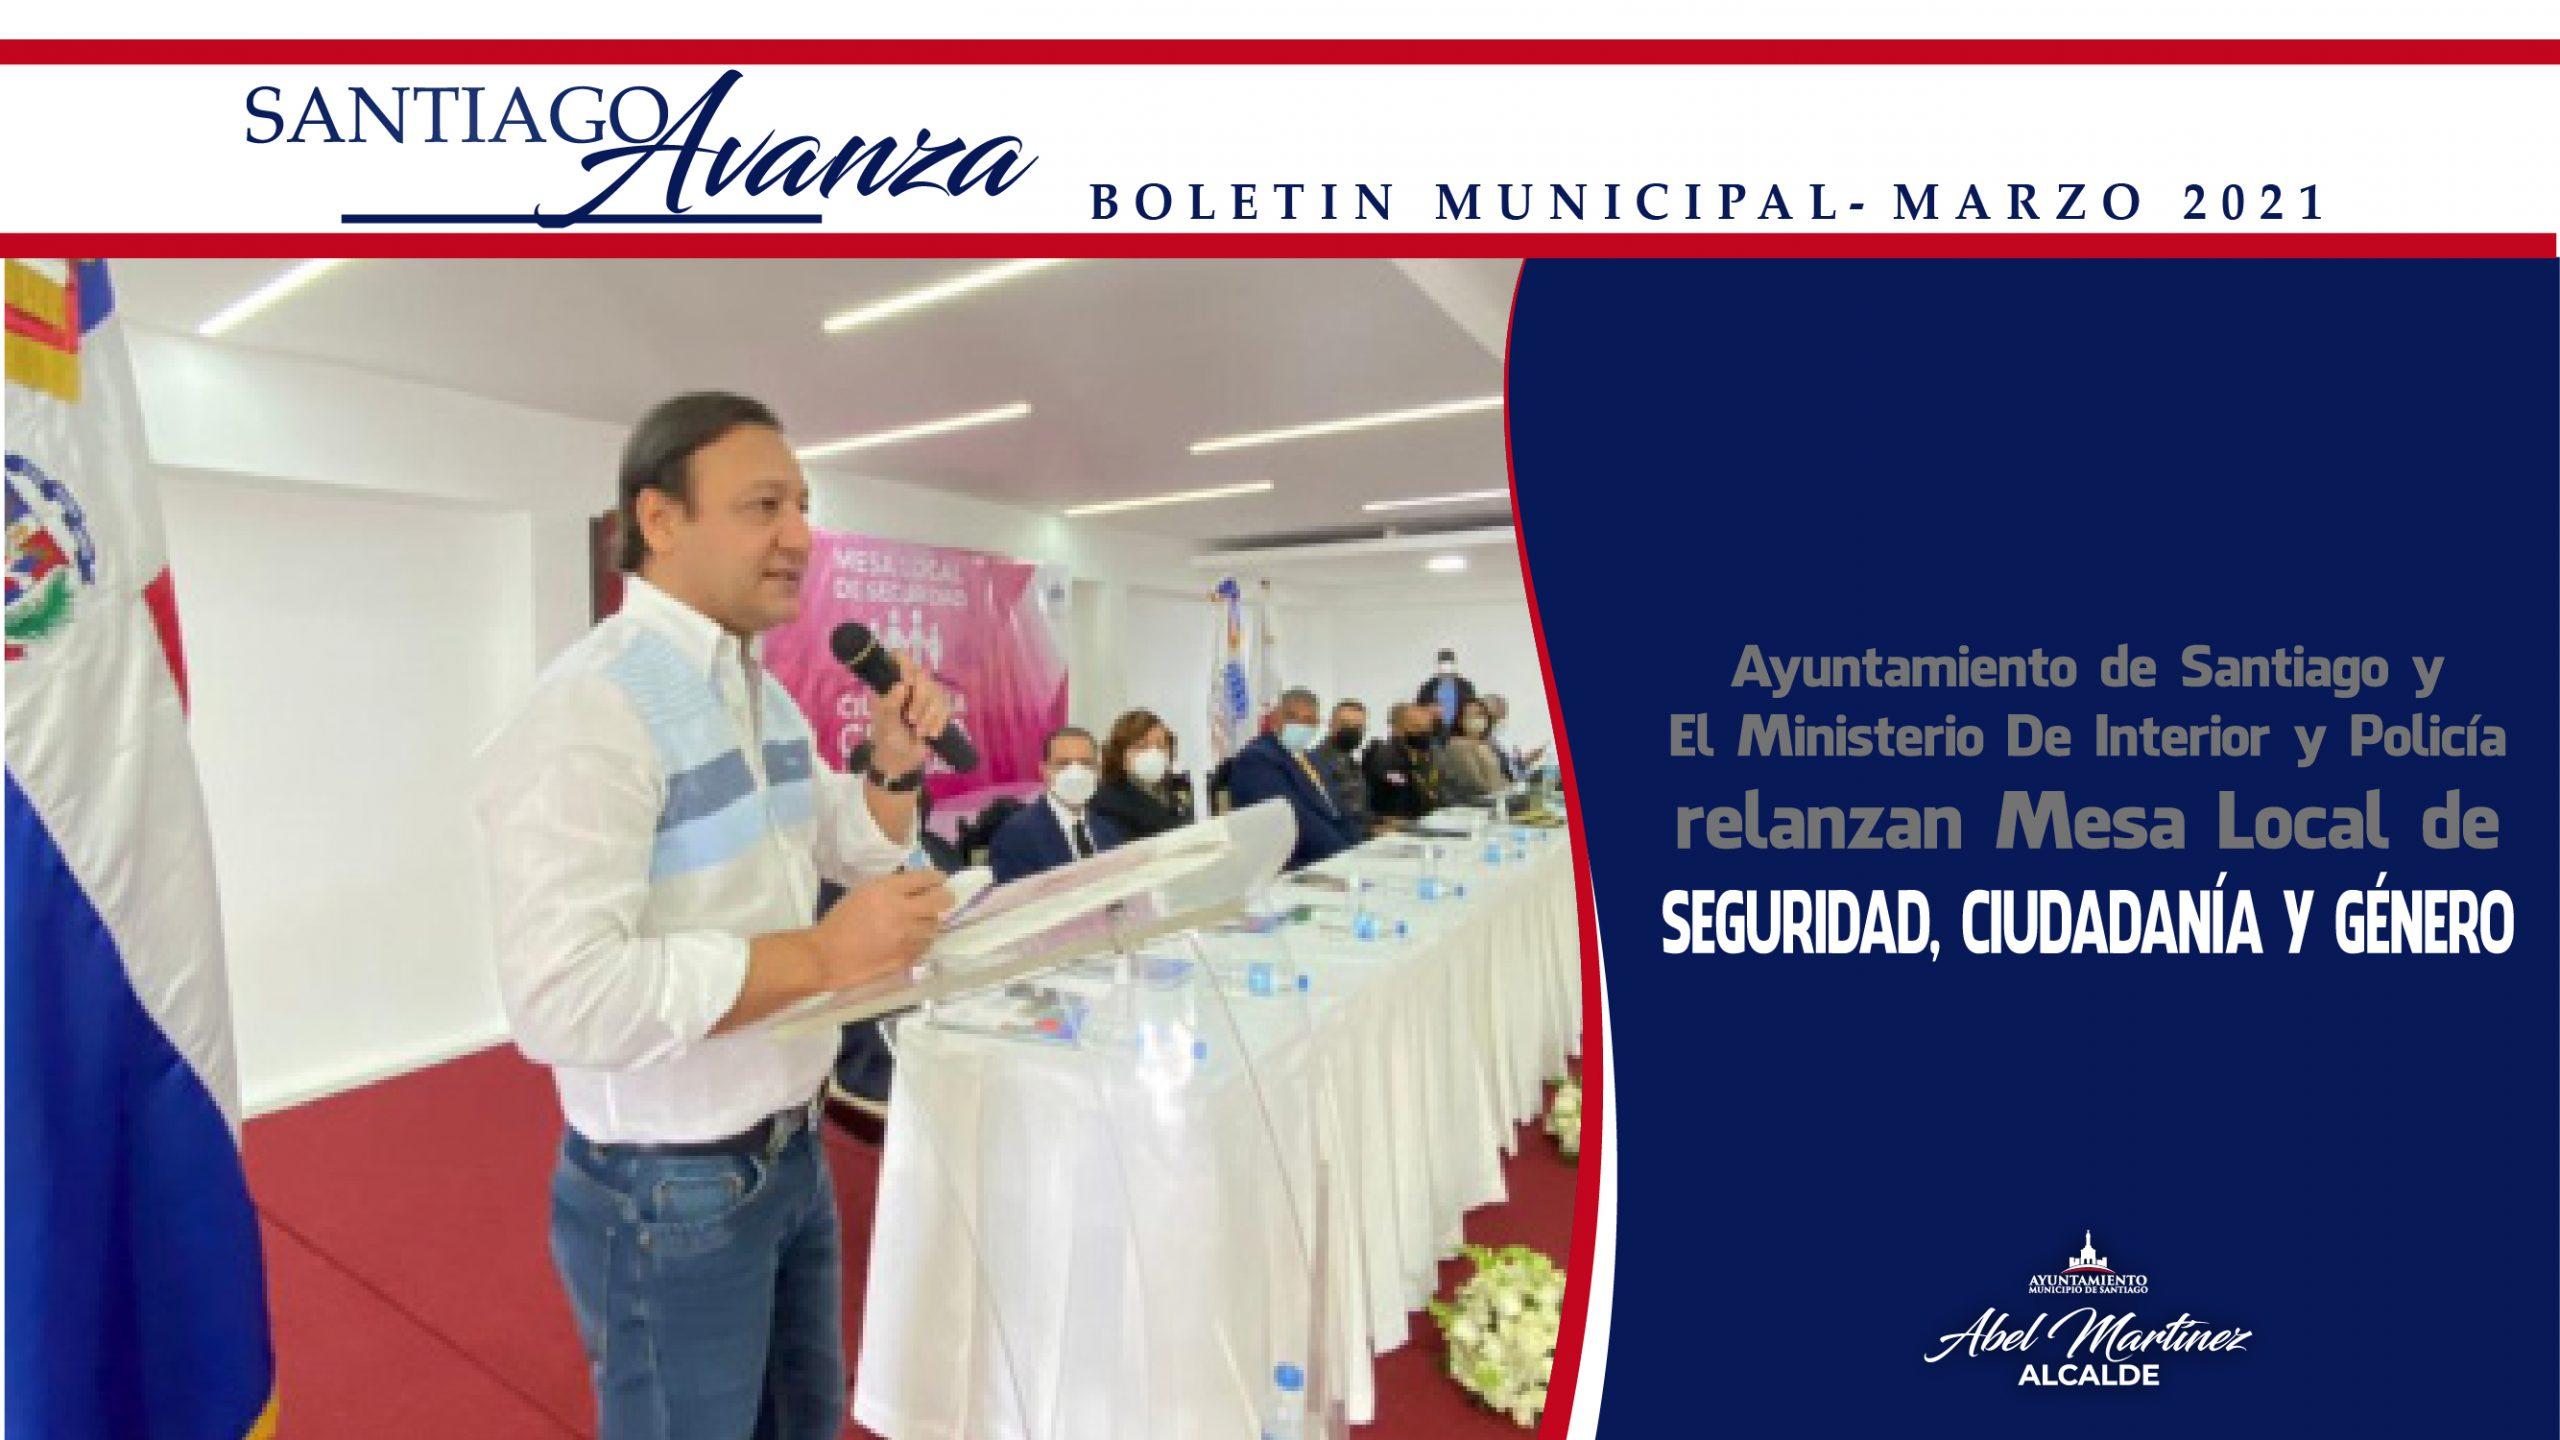 Boletín Municipal Ayuntamiento Santiago Marzo 2021